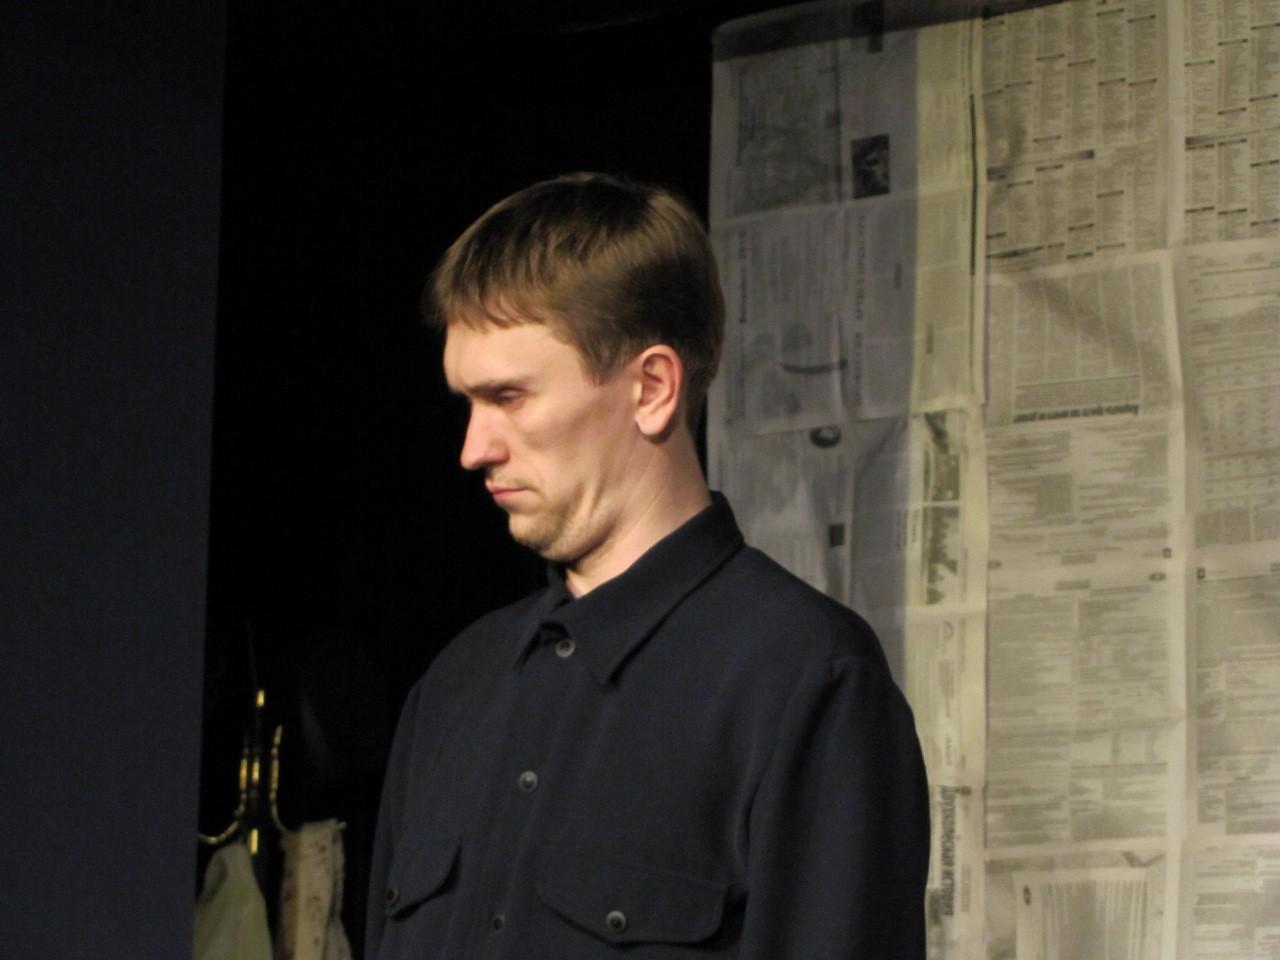 Ф. Бодянский (спектакль «На солнечной стороне улицы»): фотография